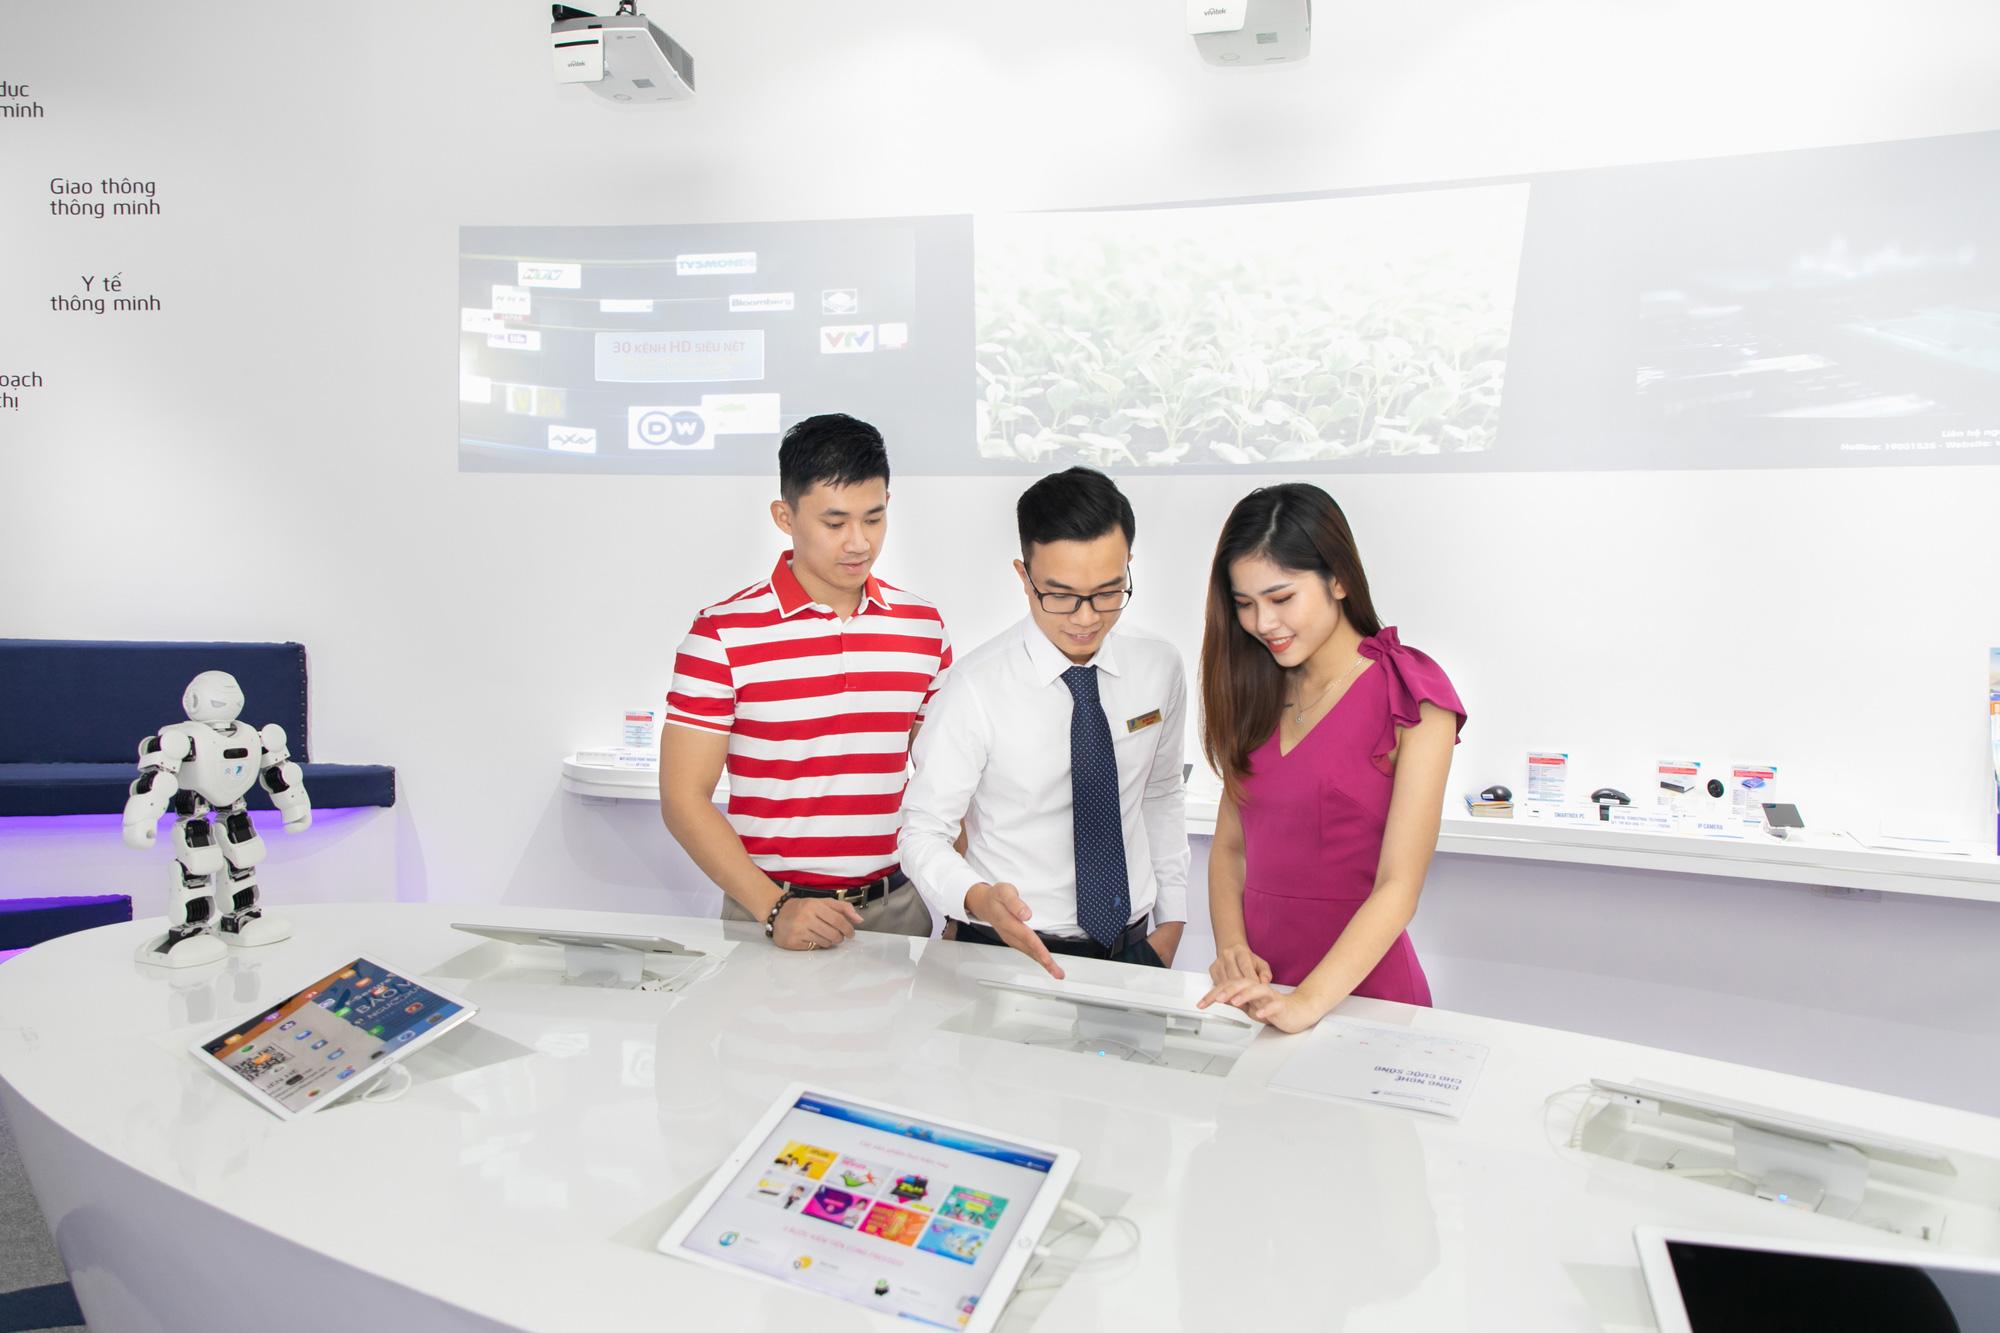 VNPT đạt nhiều giải nhất tại Giải thưởng công nghệ thông tin thế giới năm 2020 - Ảnh 2.